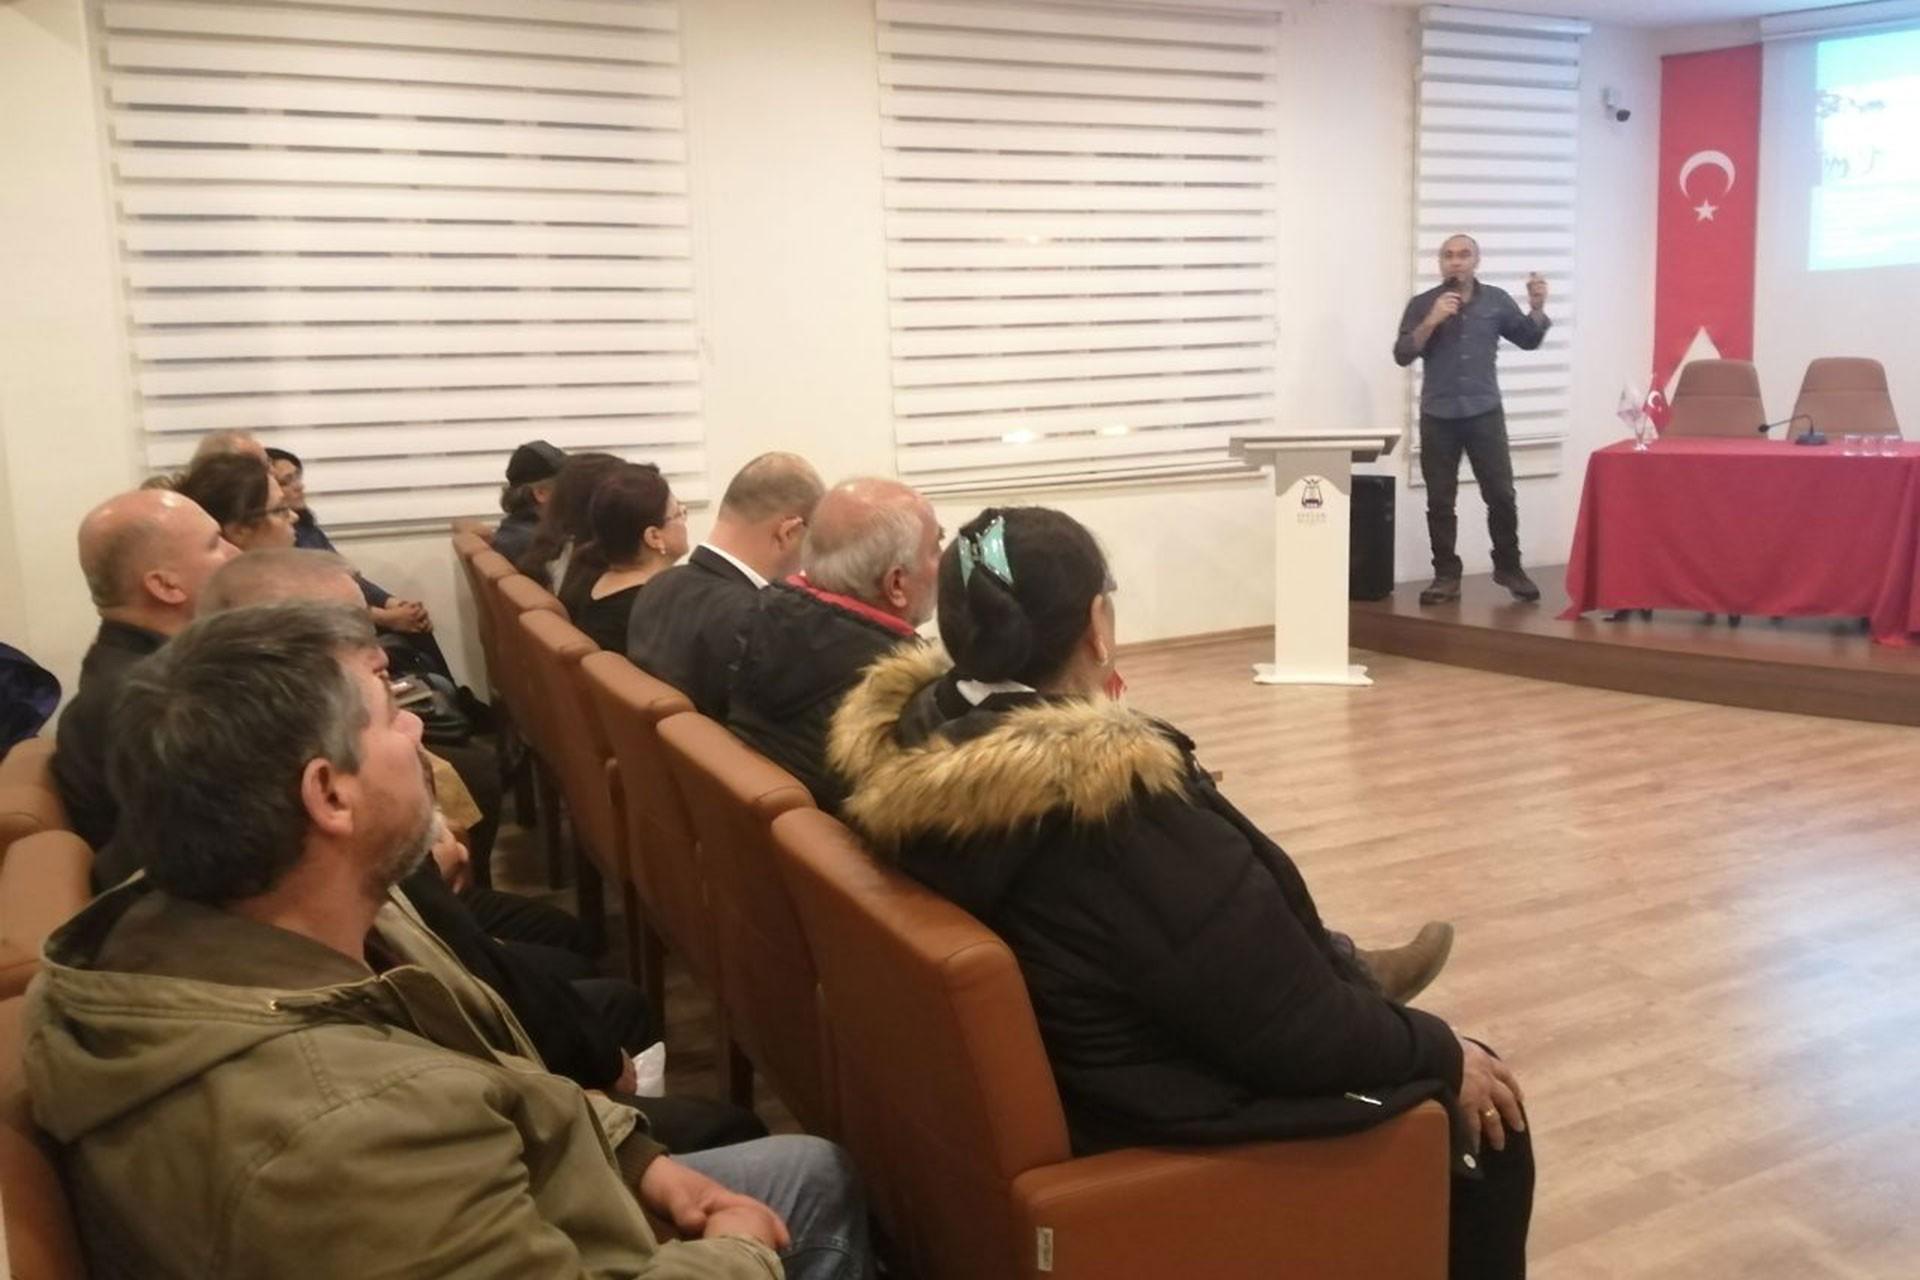 Aydın'da Evrensel Gazetesi ile dayanışma etkinliği için söyleşi yapıldı